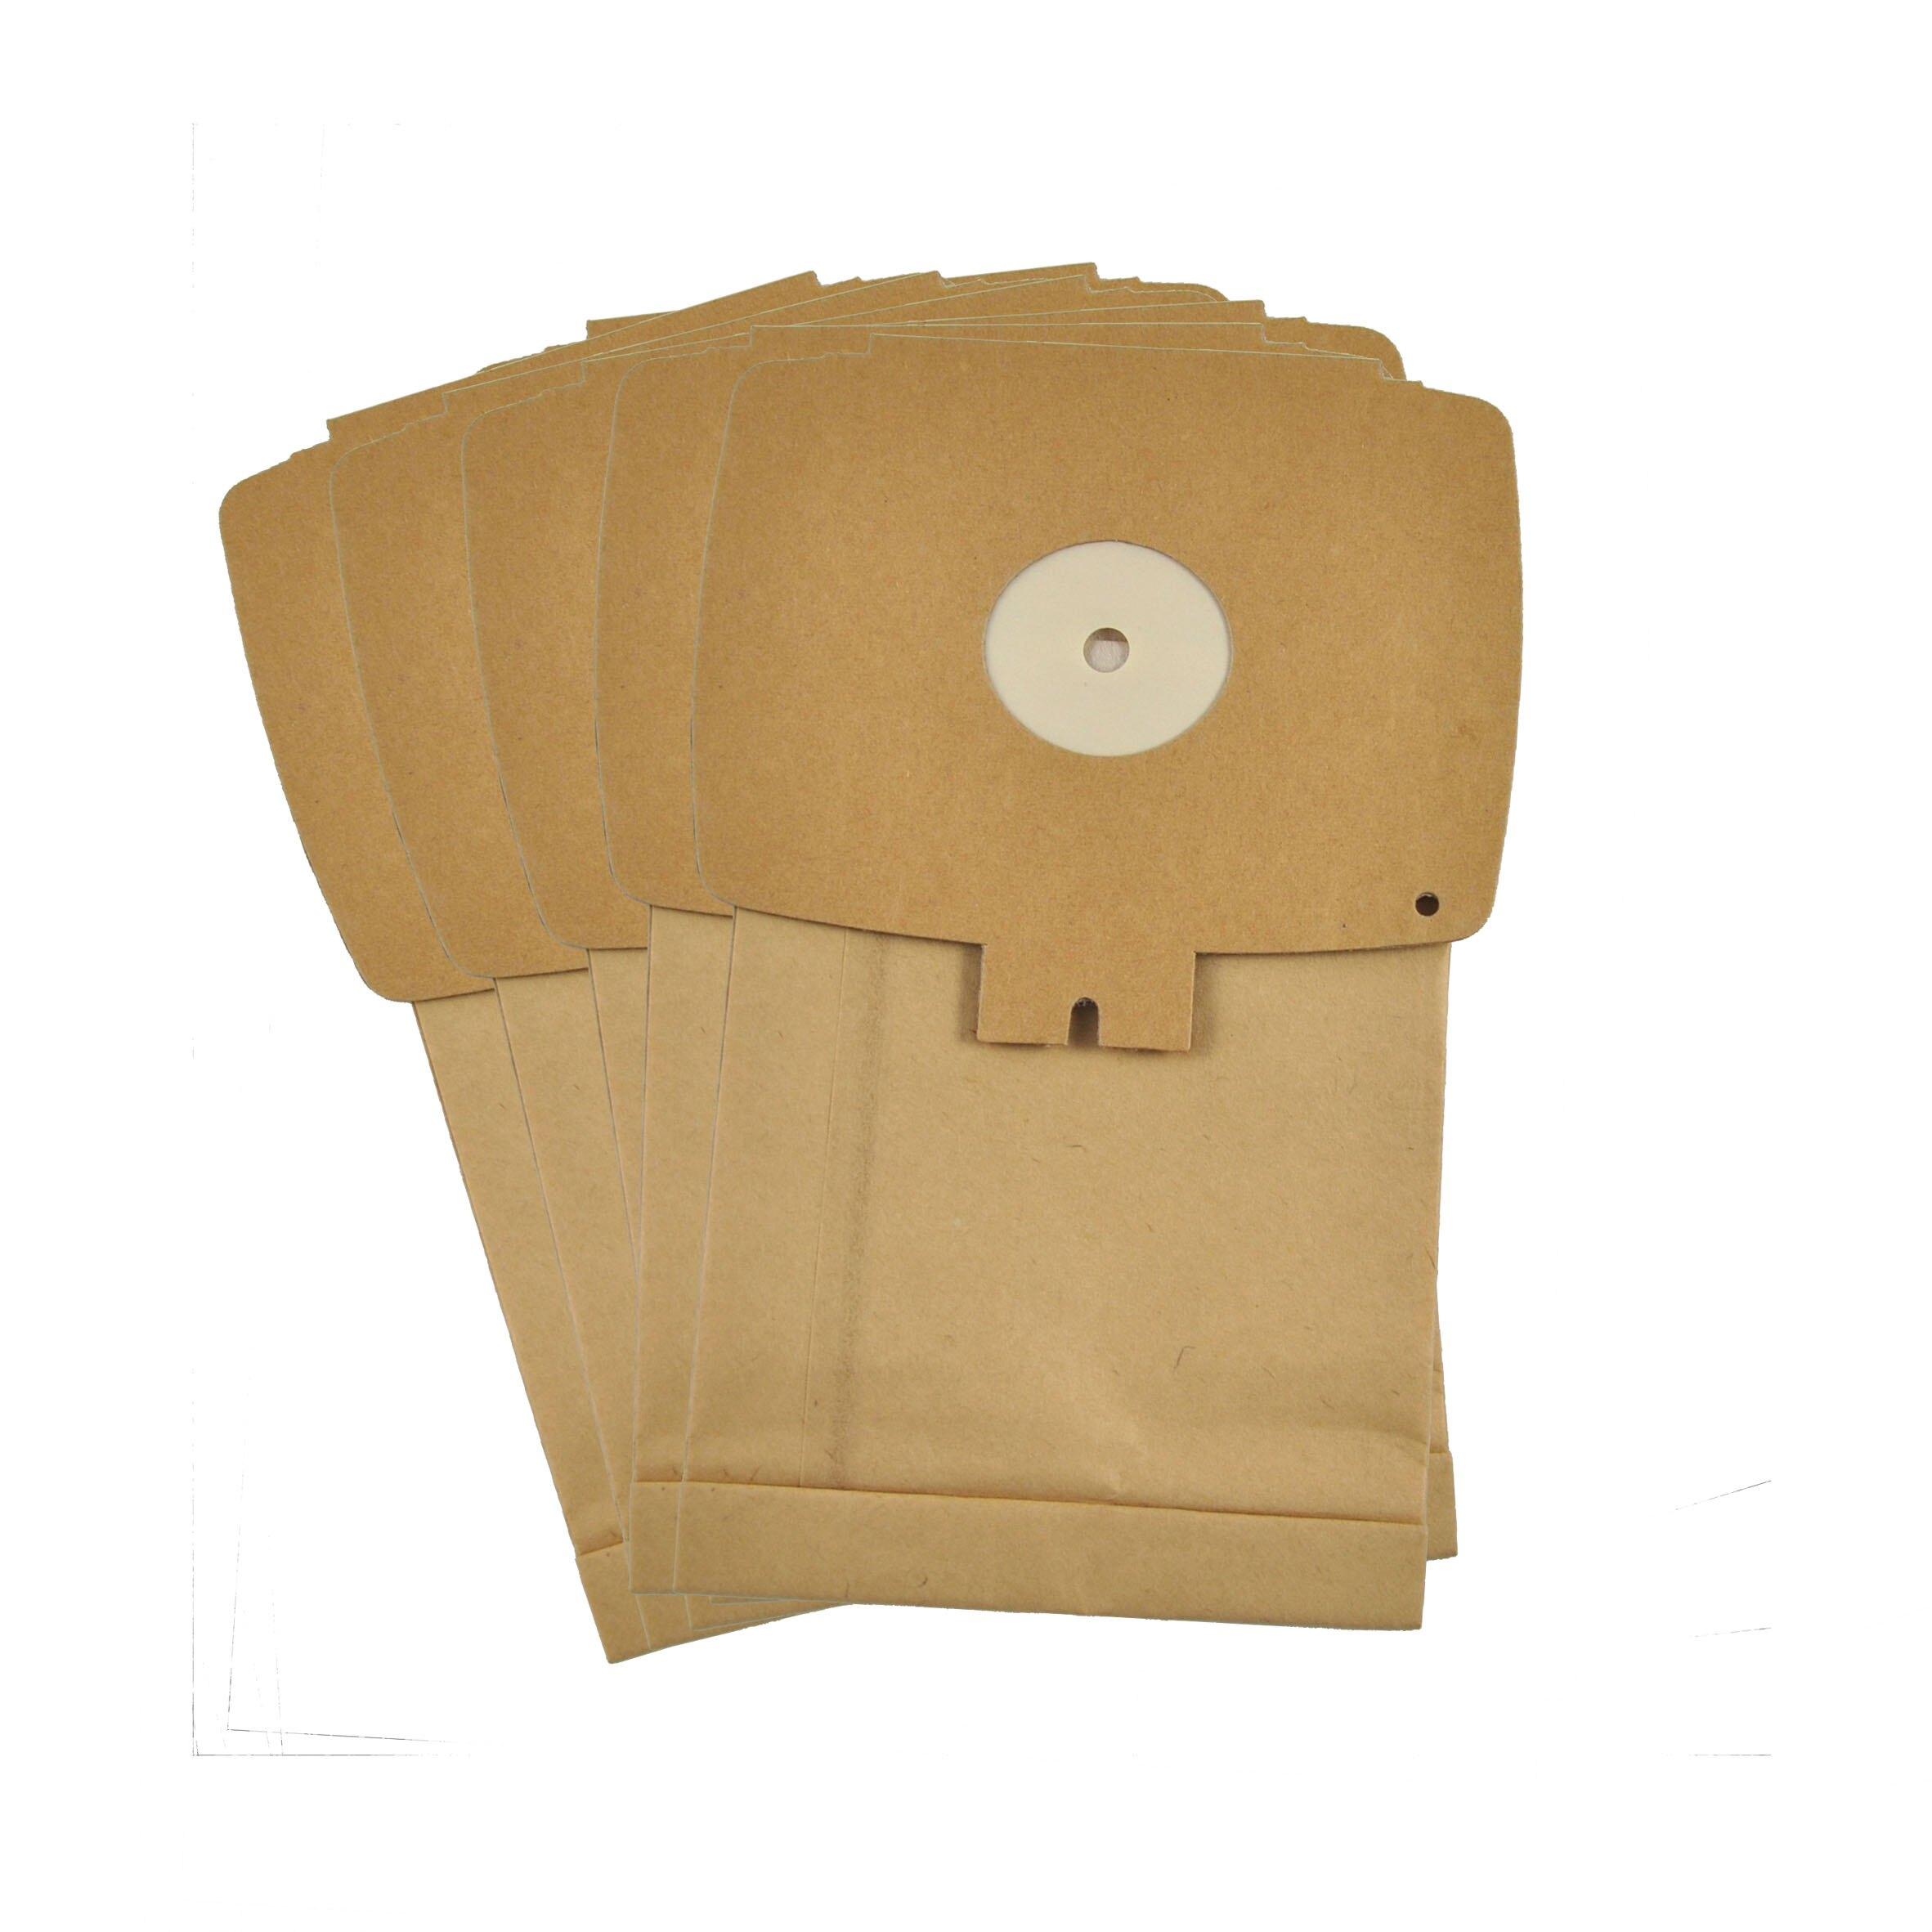 (618購物節)吸塵器集塵袋- 適用於Electrolux伊萊克斯系列適用 D715,D720,D725,D728,D729 台灣現貨【居家達人-9B05】